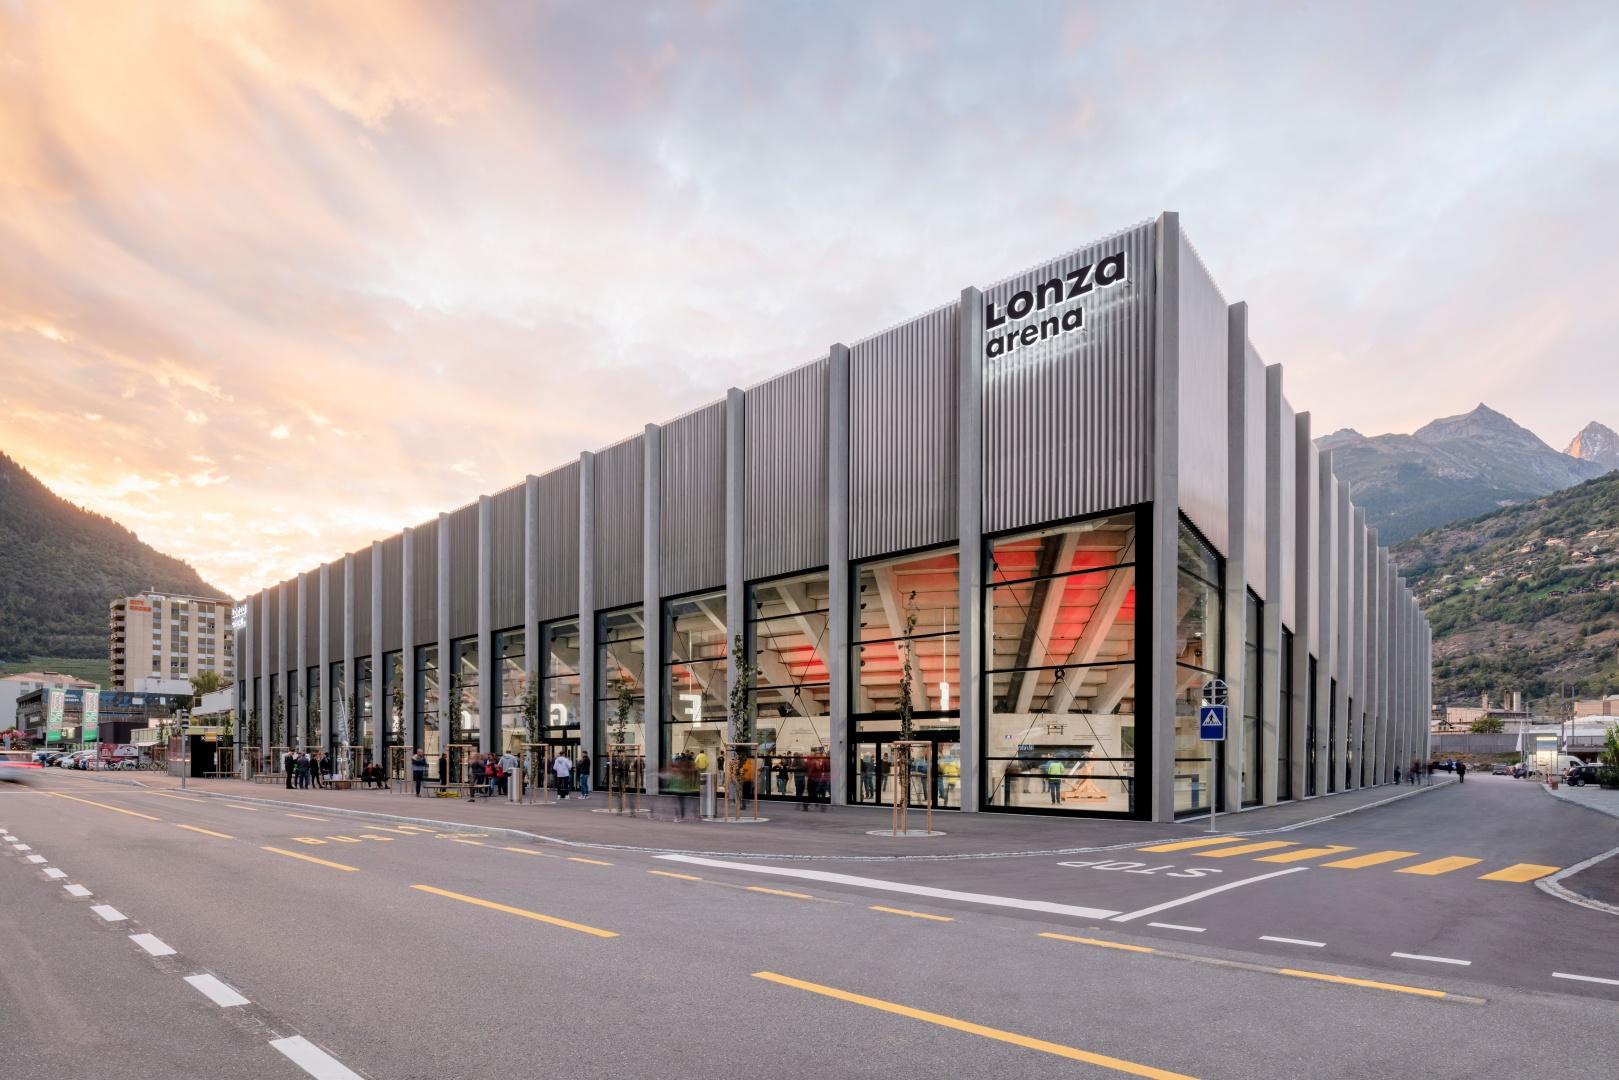 Aussenansicht, Lonza Arena © Scheitlin Syfrig Architekten, Fotograf Simon von Gunten